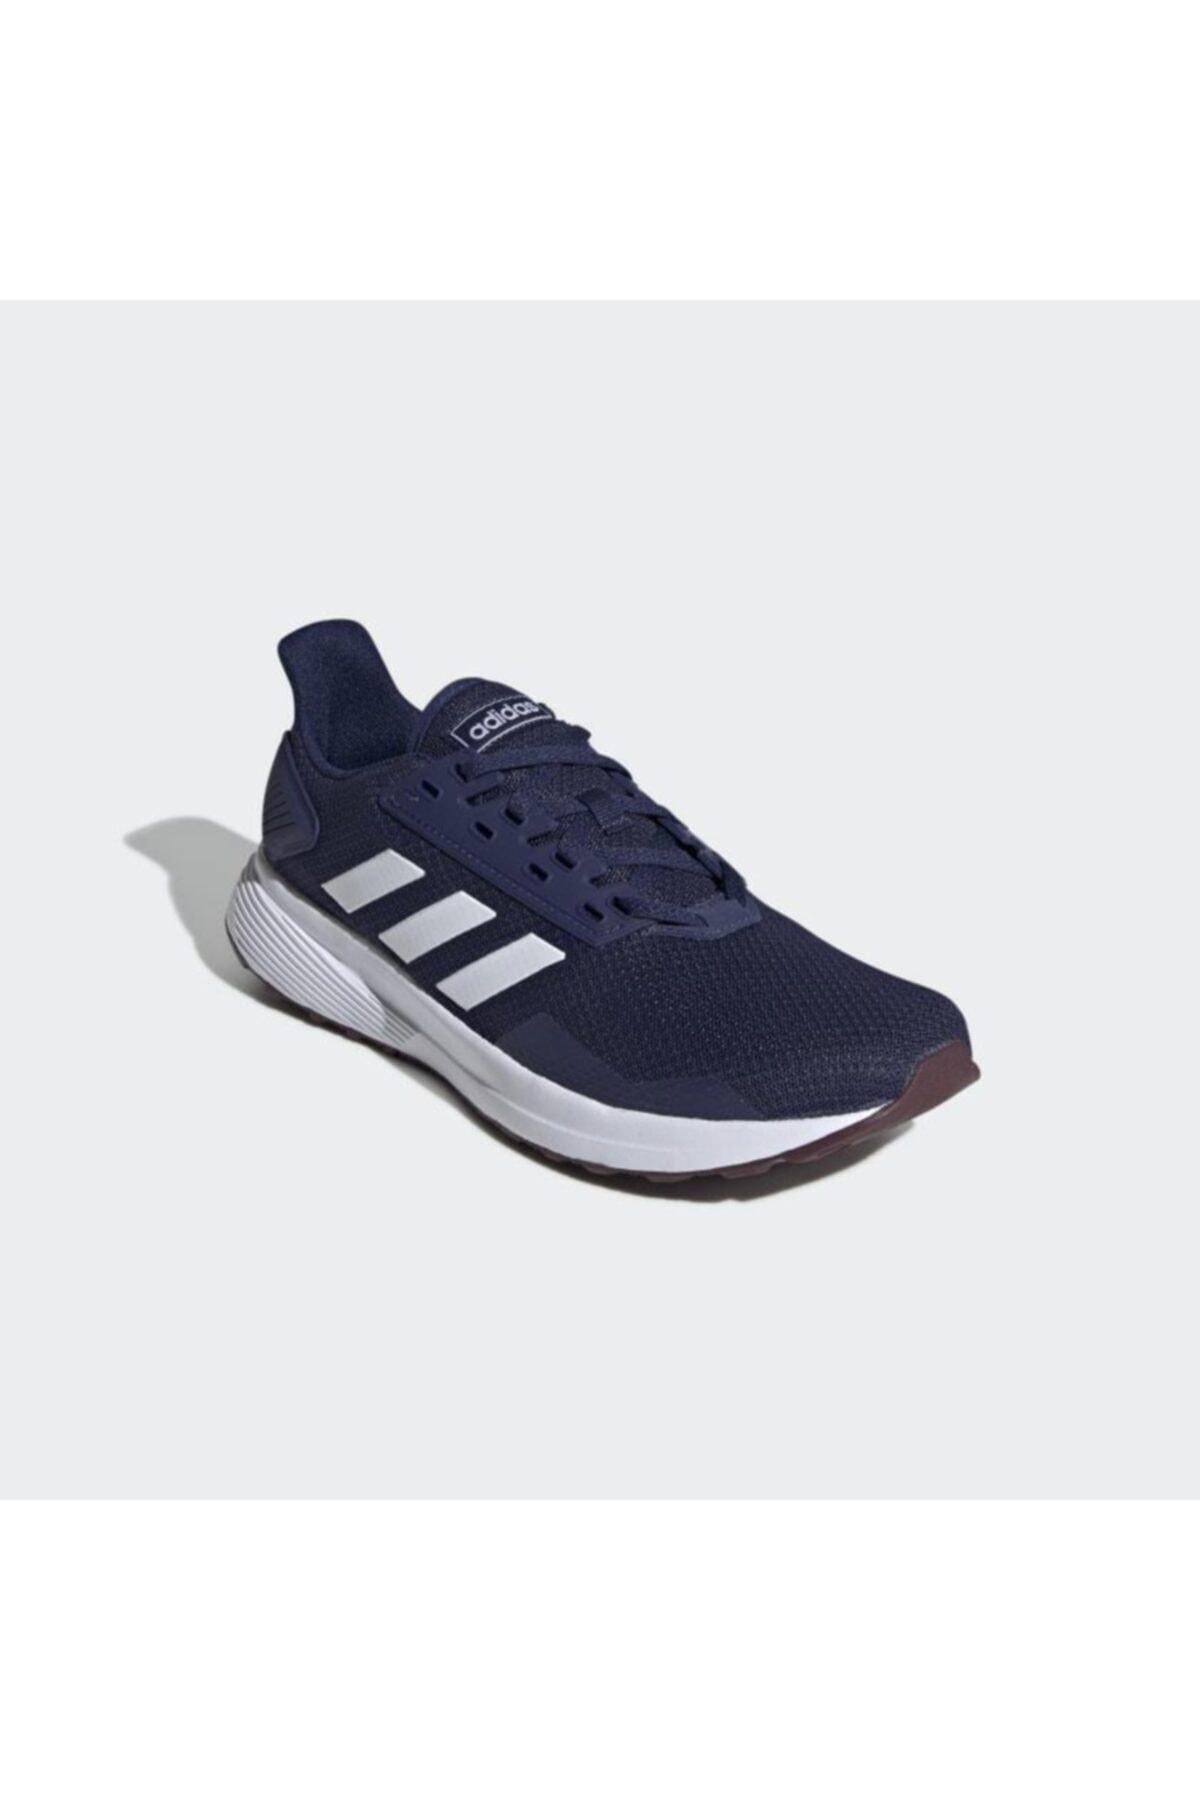 adidas DURAMO 9 Erkek Koşu Ayakkabısı 2